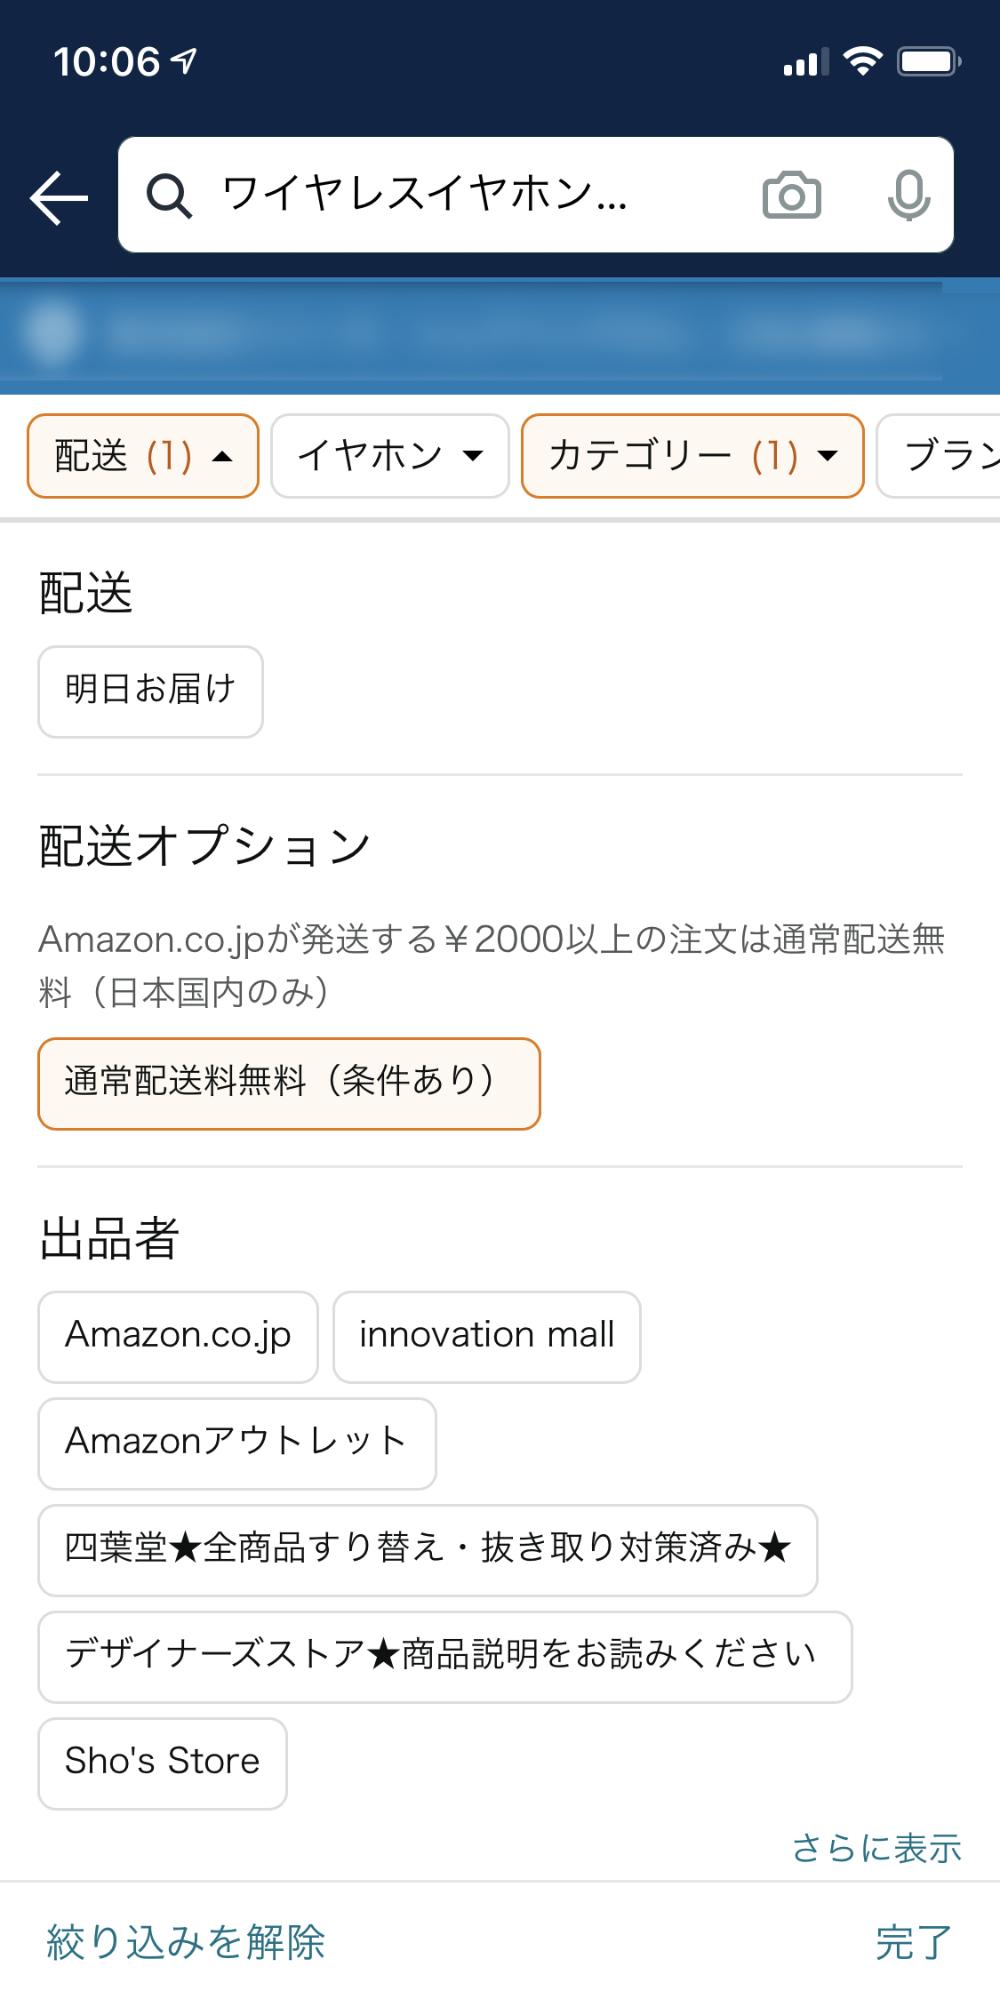 出品者で「Amazon.co.jp」を選択